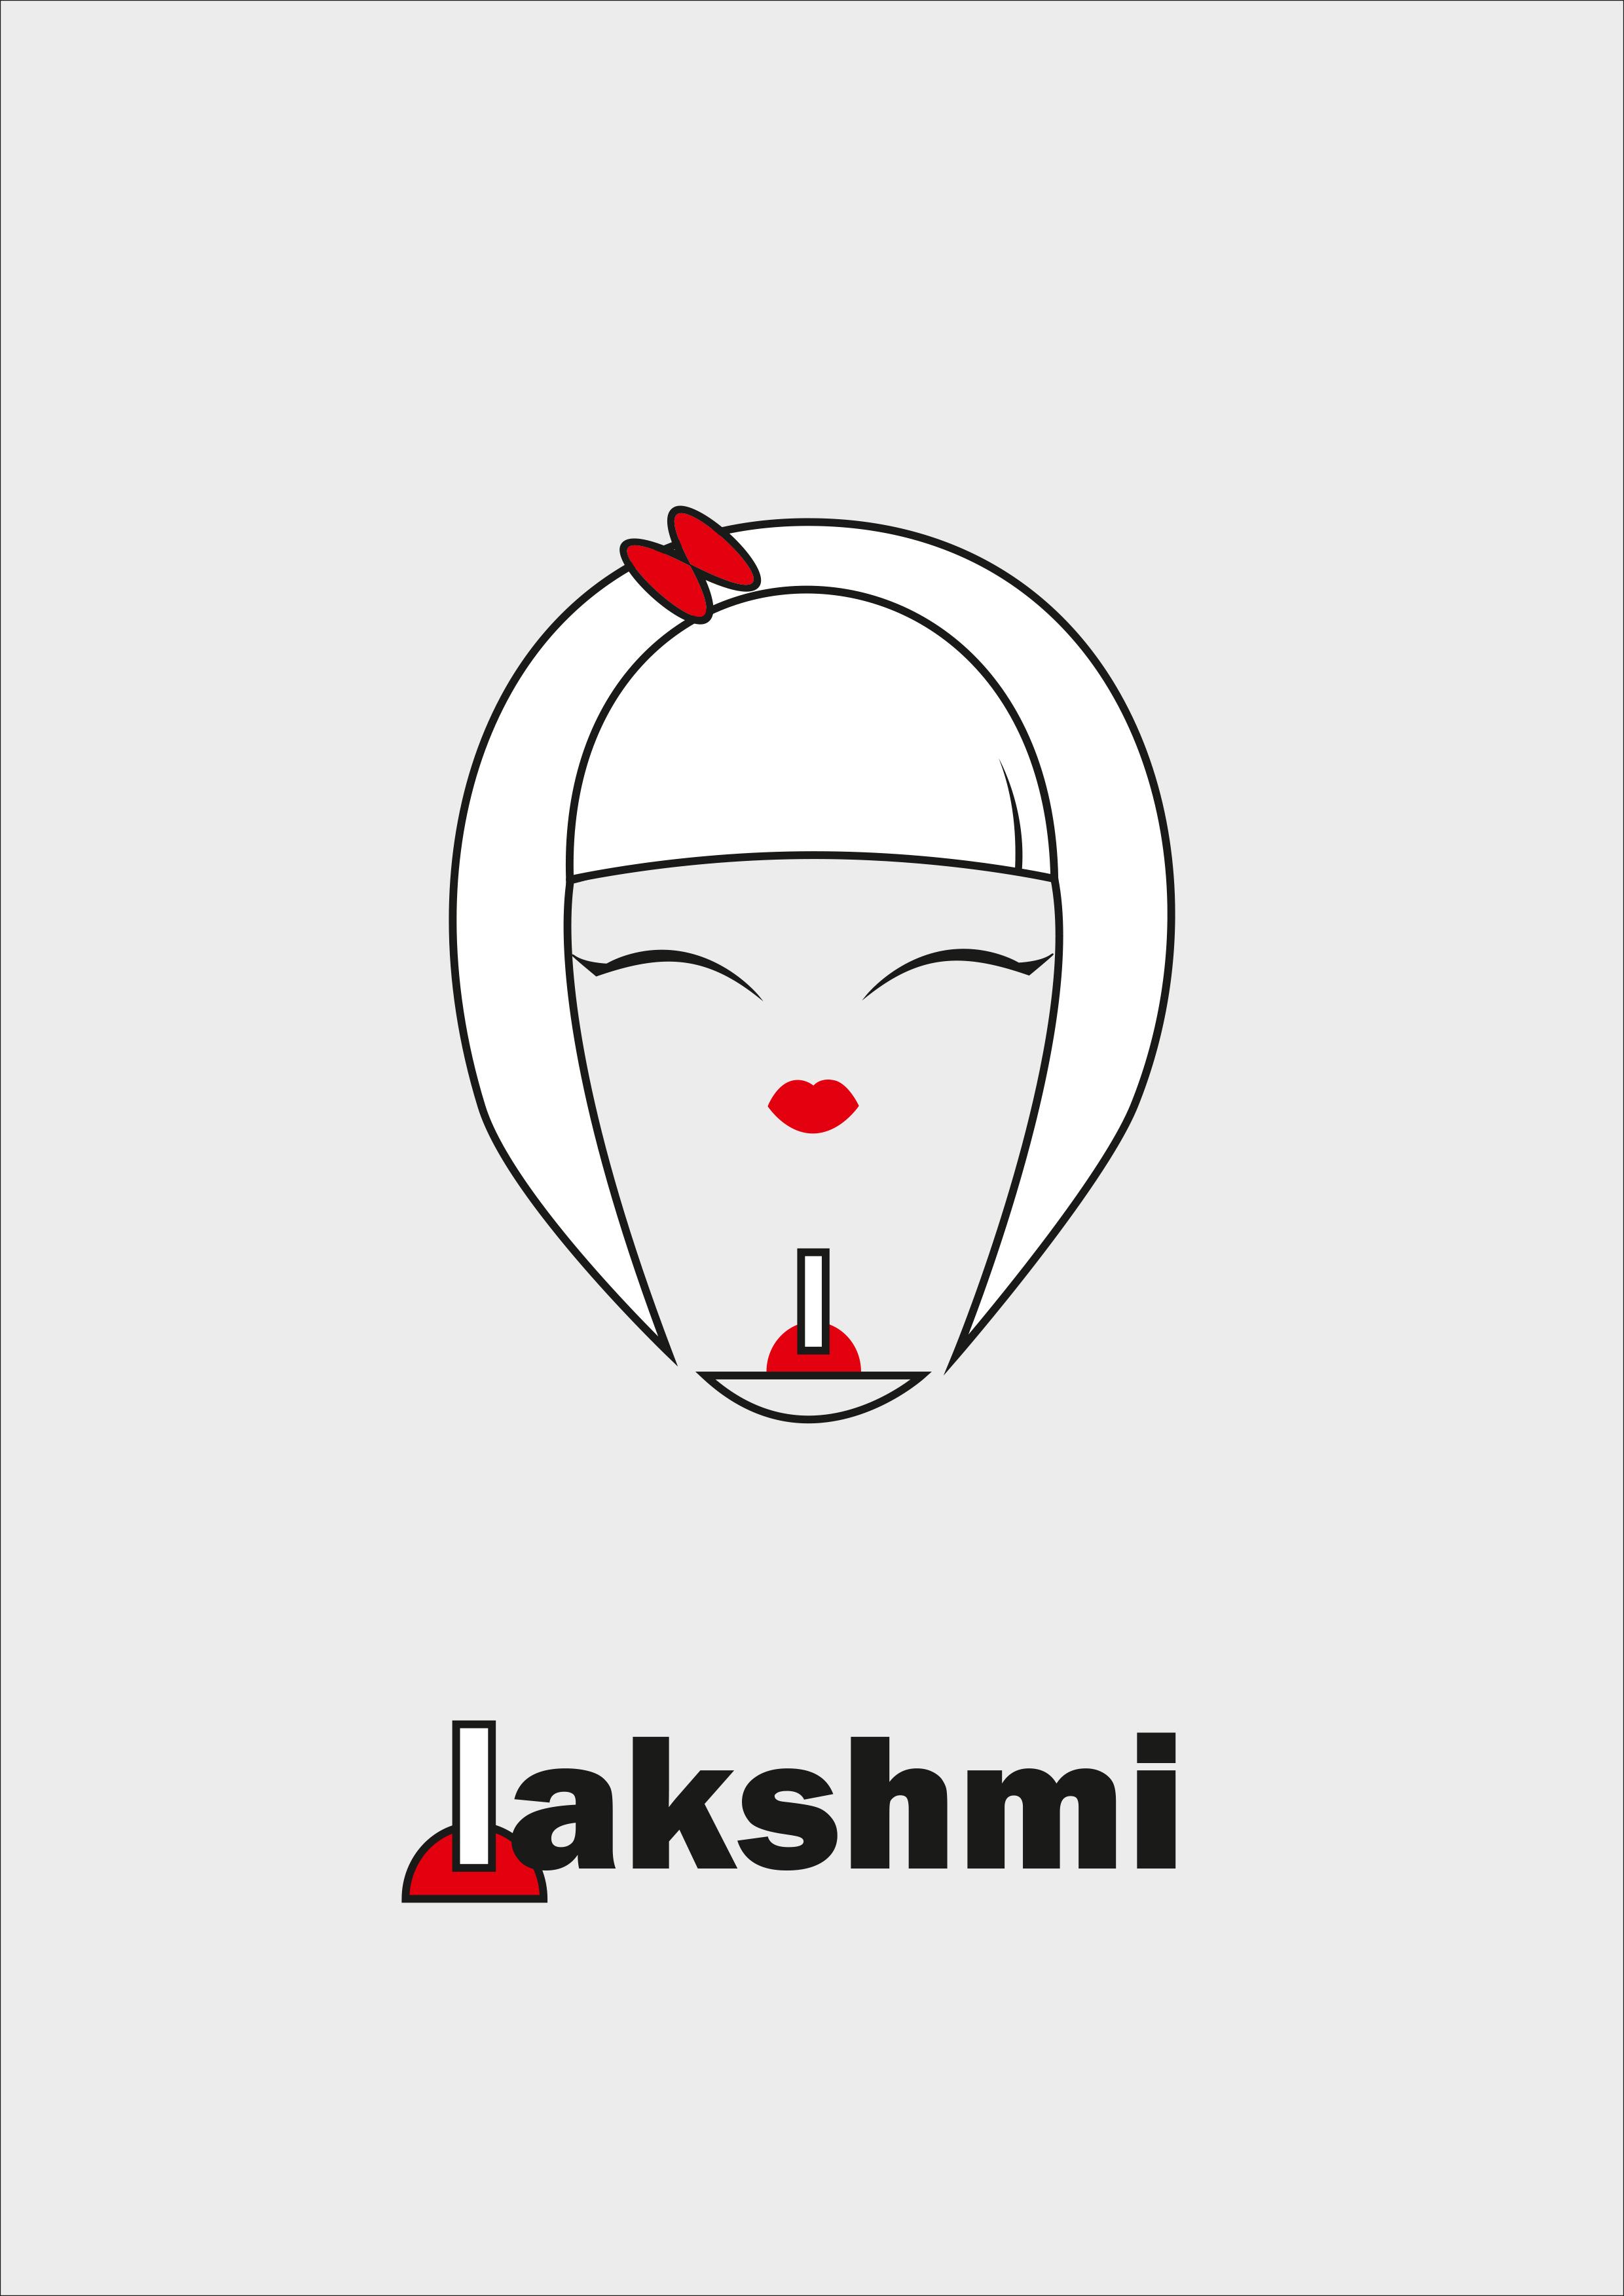 Разработка логотипа фирменного стиля фото f_3195c65ac366e6ba.jpg